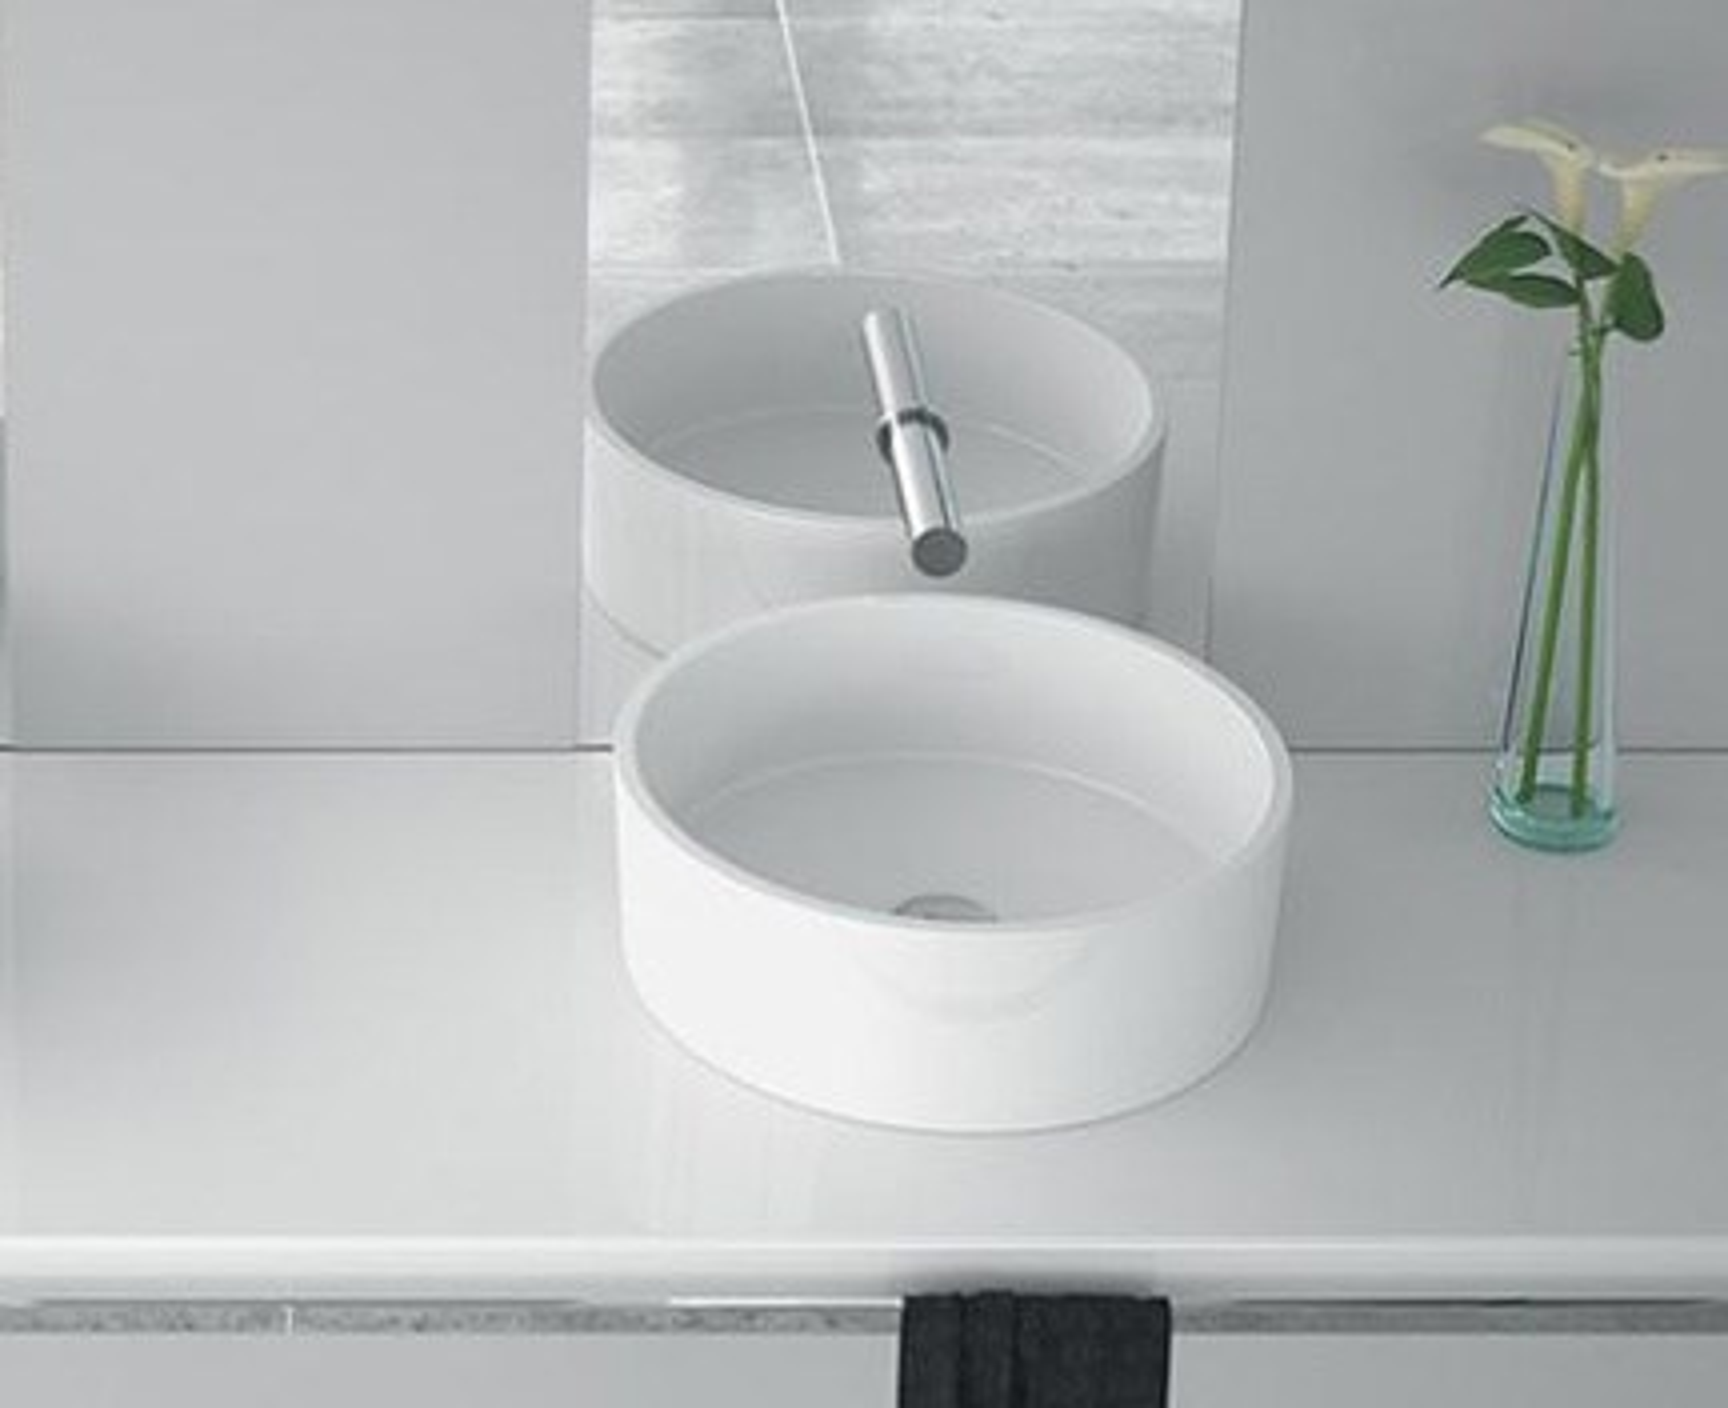 Waschbecken rund  Waschbecken RUND 40 400 x 400 x 150 | Waschbecken | Weiß ...